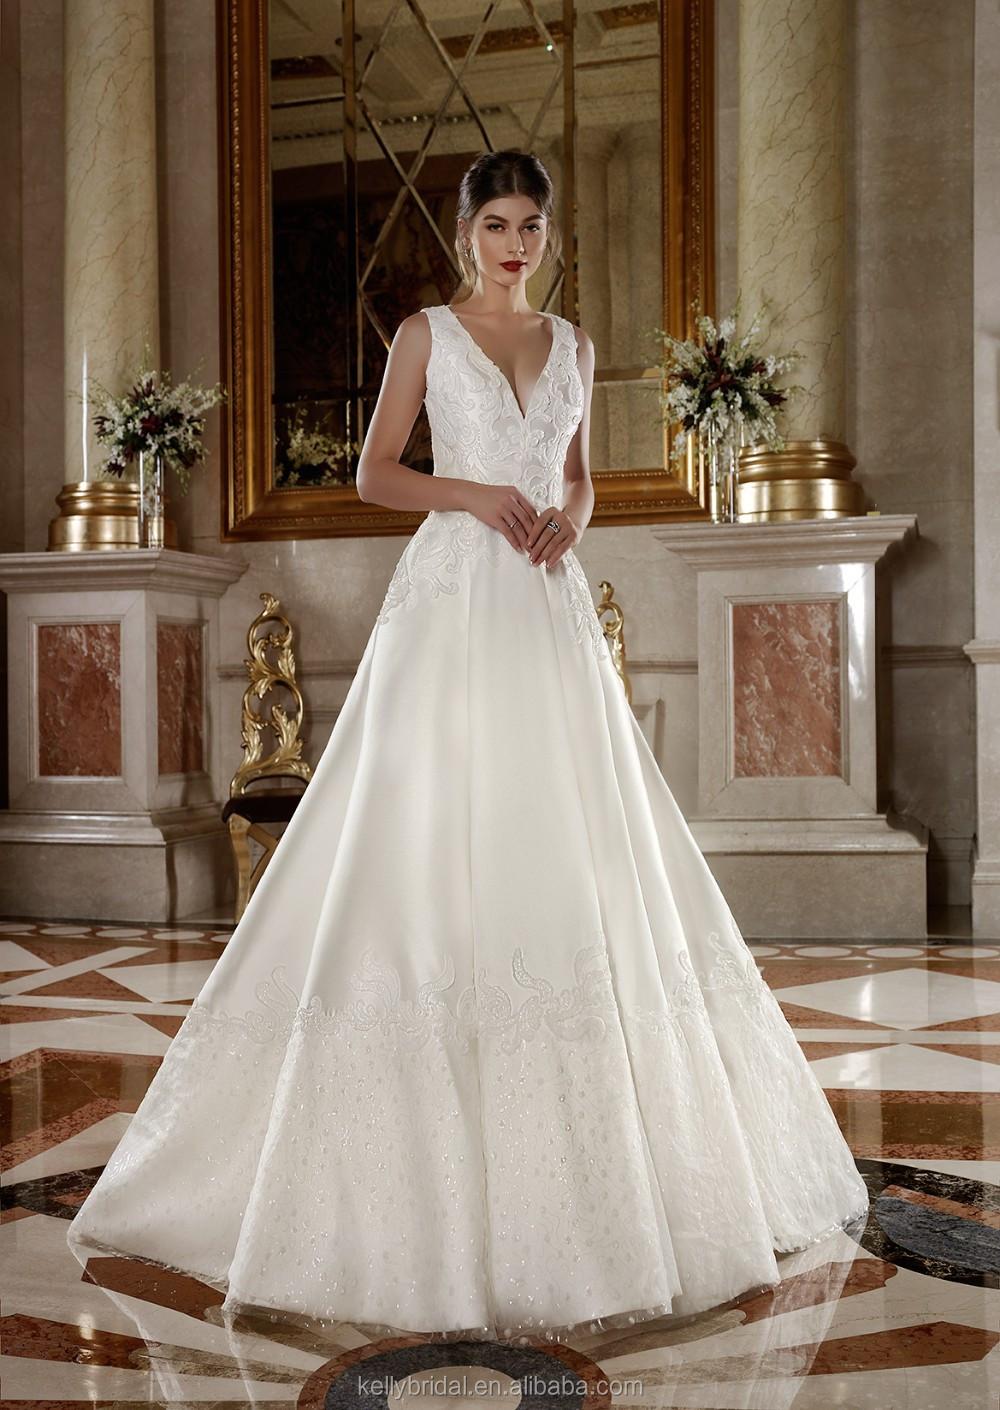 Zm16025 Ankle-length Oem Design Deep V-neck Wedding Dress Patterns ...